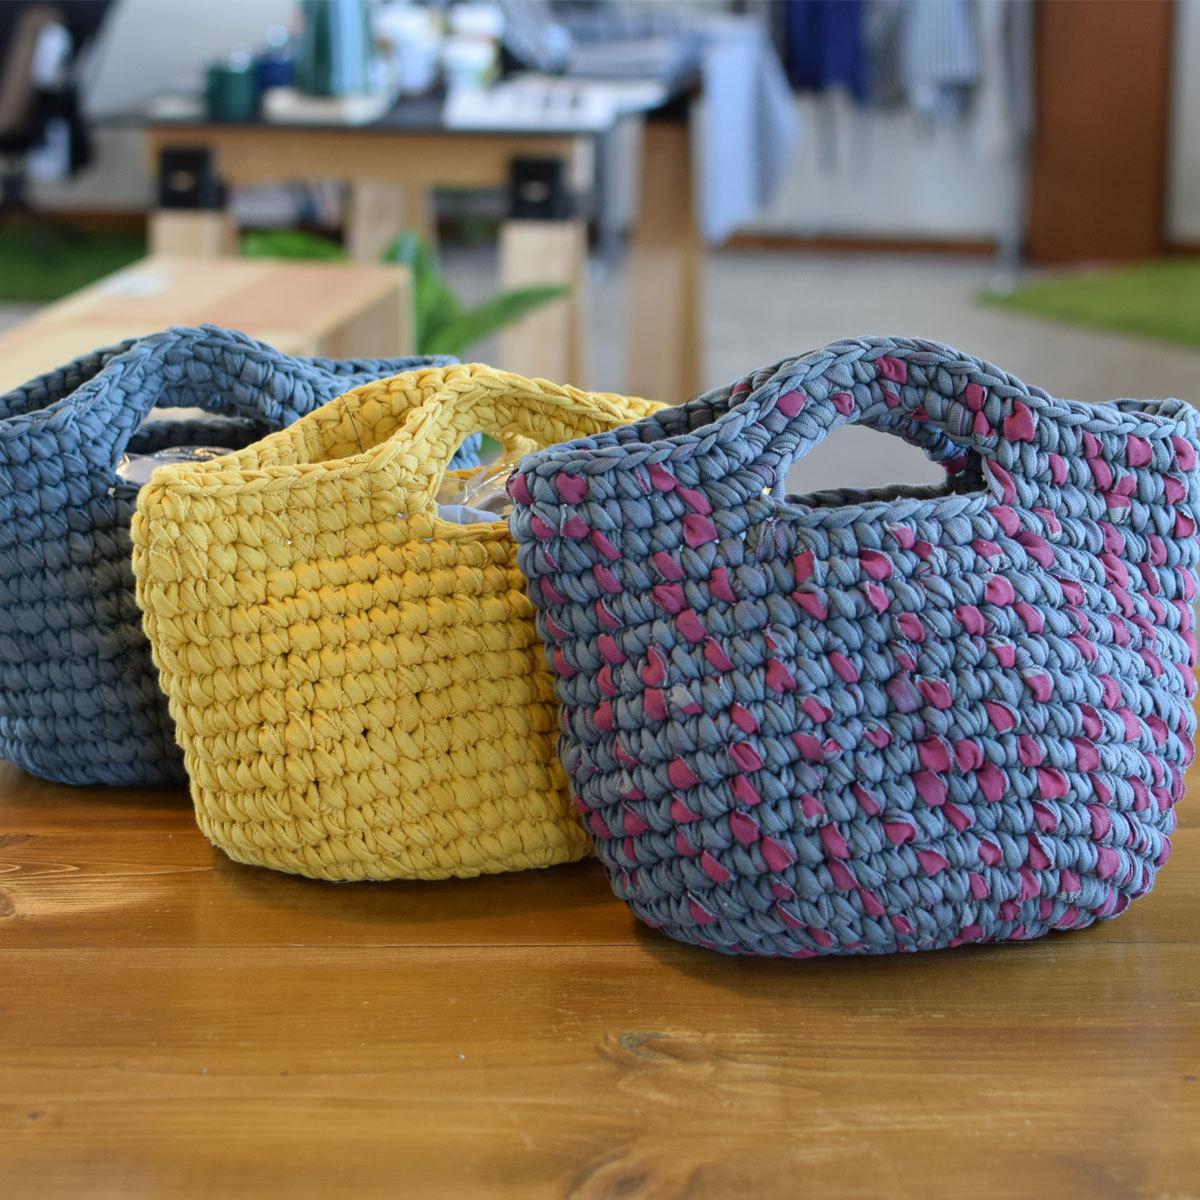 松野屋 ネパールさき編みバッグ